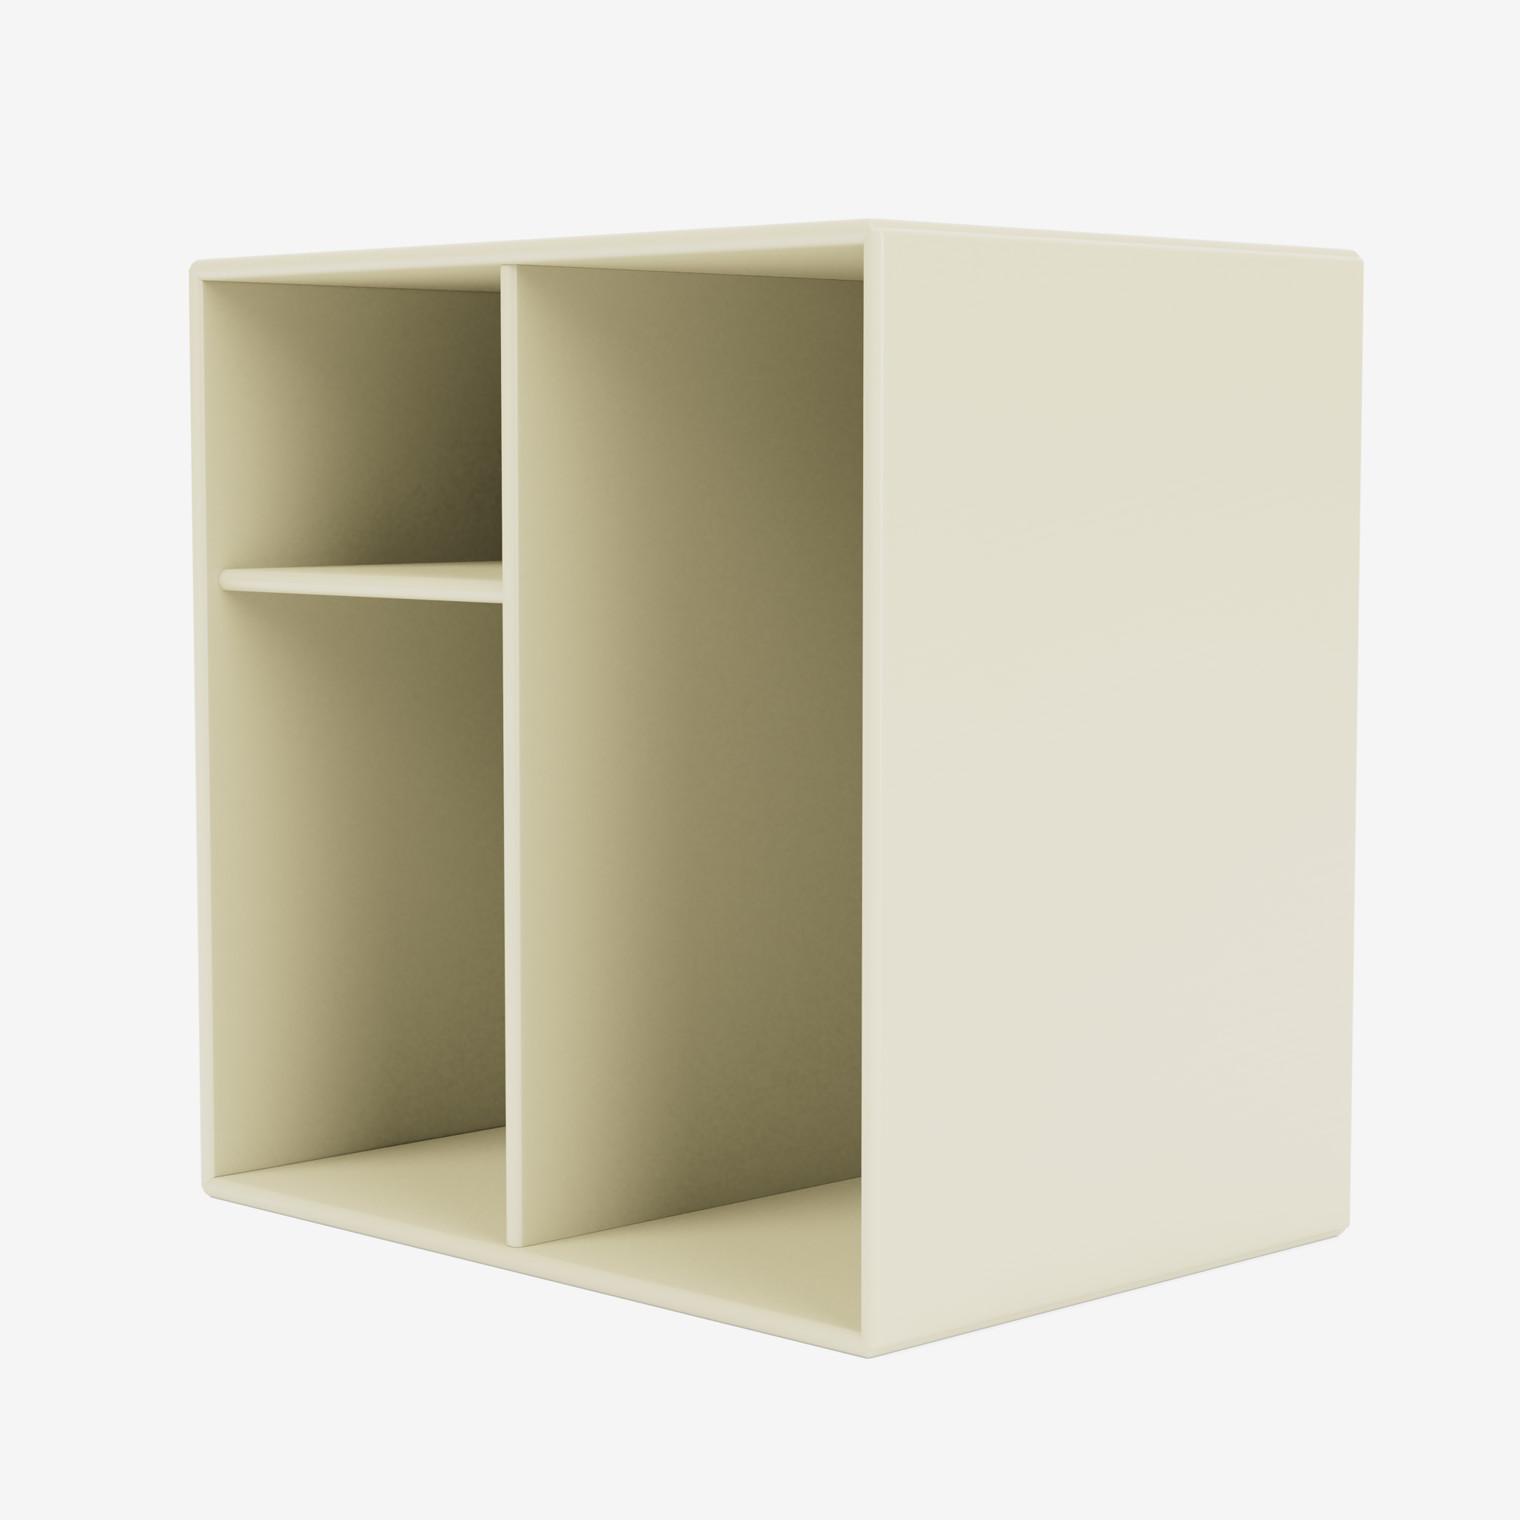 Montana Mini 1202 with shelves